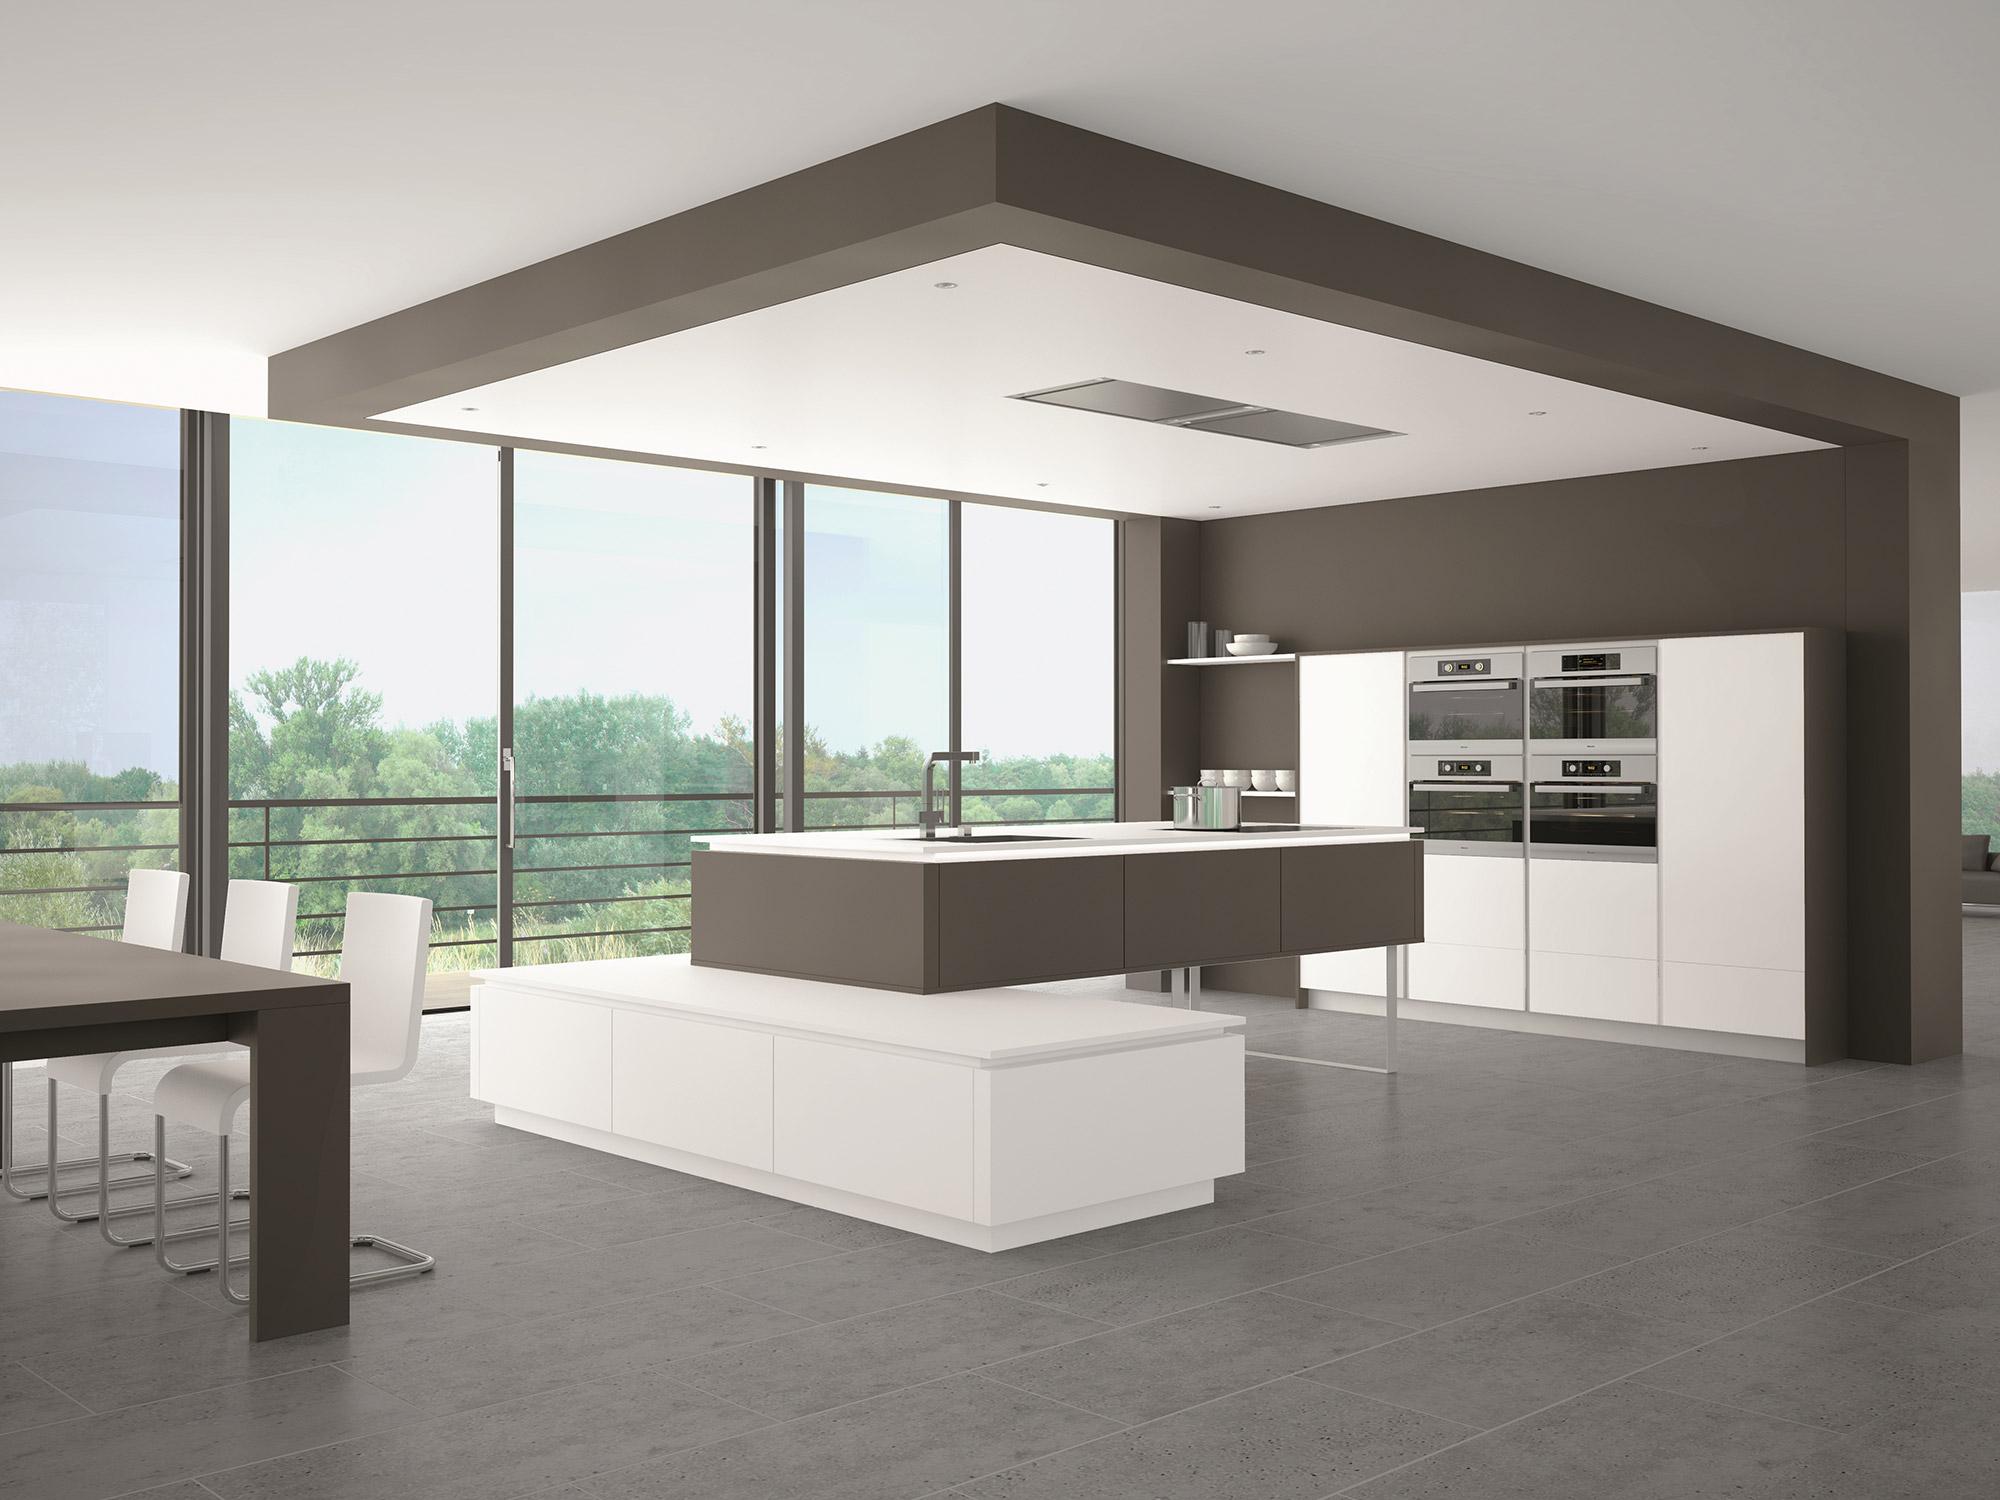 professional kitchen designers in surrey kitchen design esher kitchen design surrey bespoke fitted kitchens